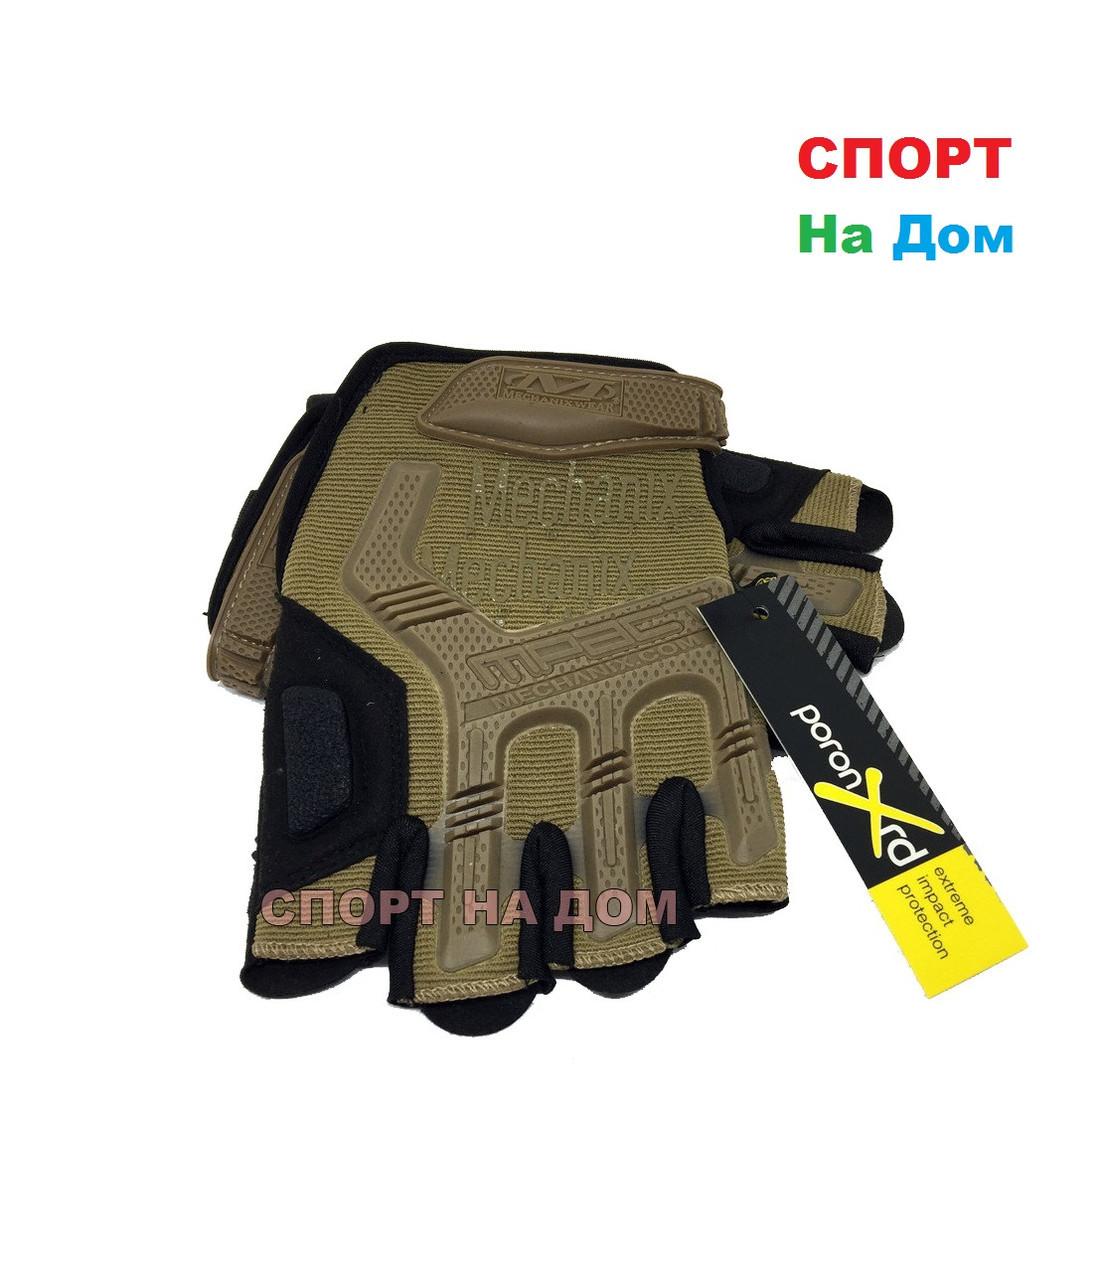 Перчатки тактические M-Pact Glove без пальцев - фото 2